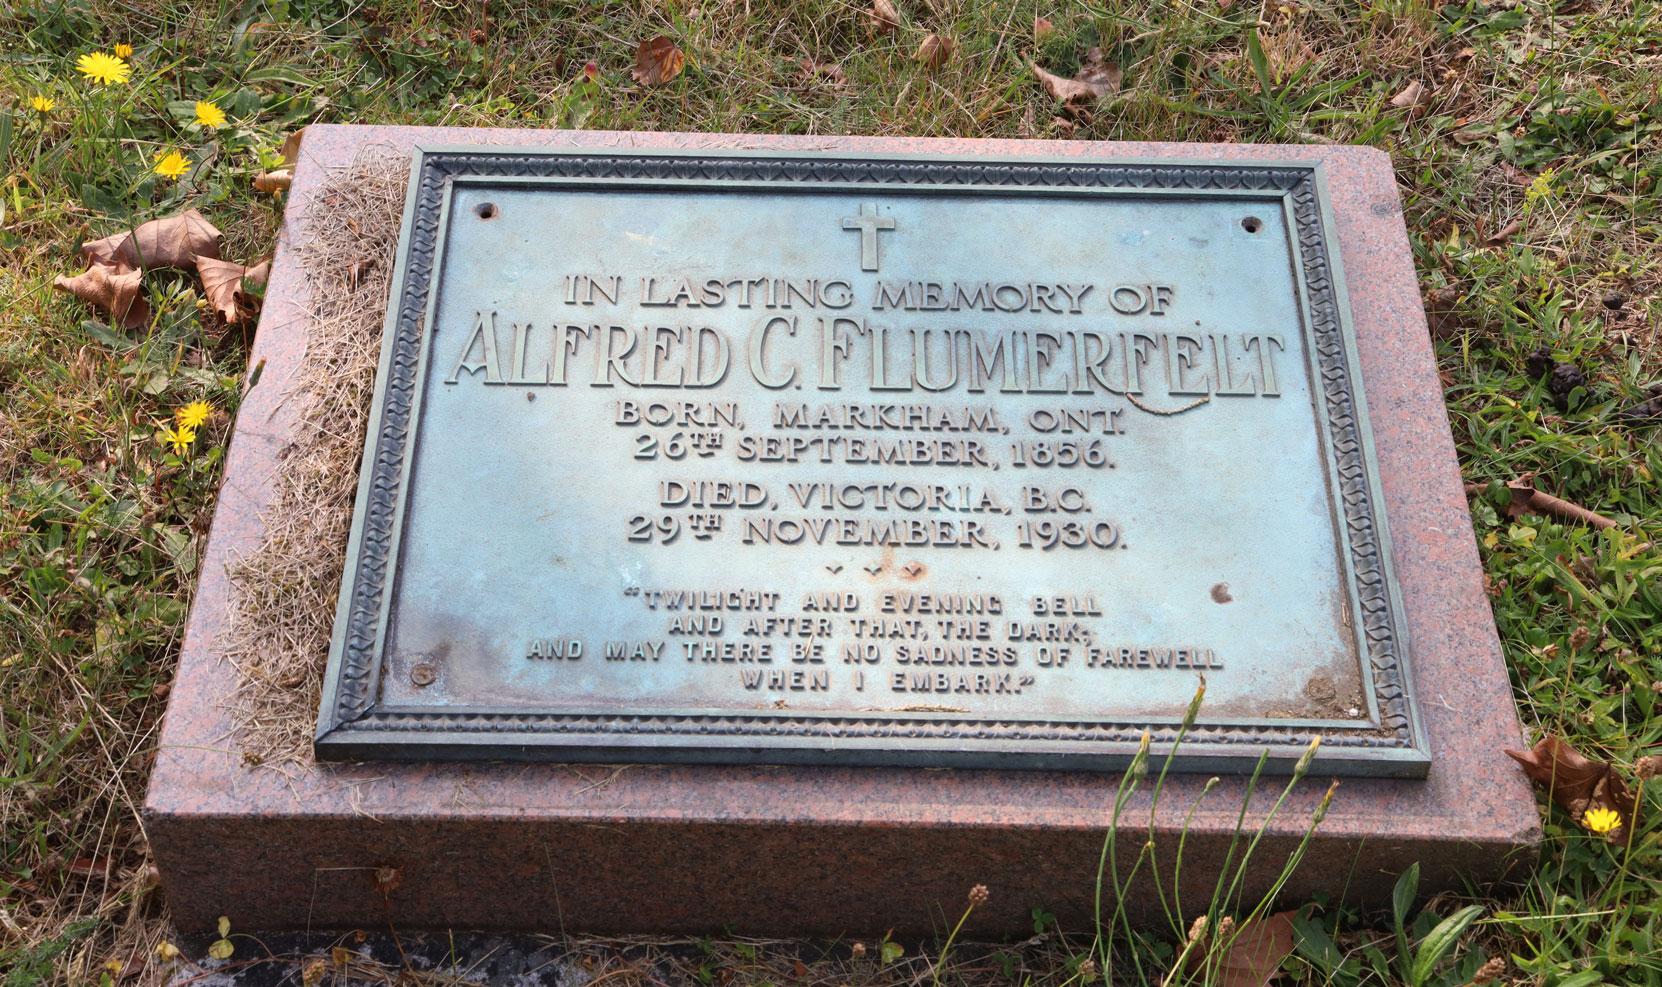 Alfred Cornelius Flumerfelt grave inscription, Ross Bay Cemetery, Victoria, BC (photo: Temple Lodge No. 33 Historian)